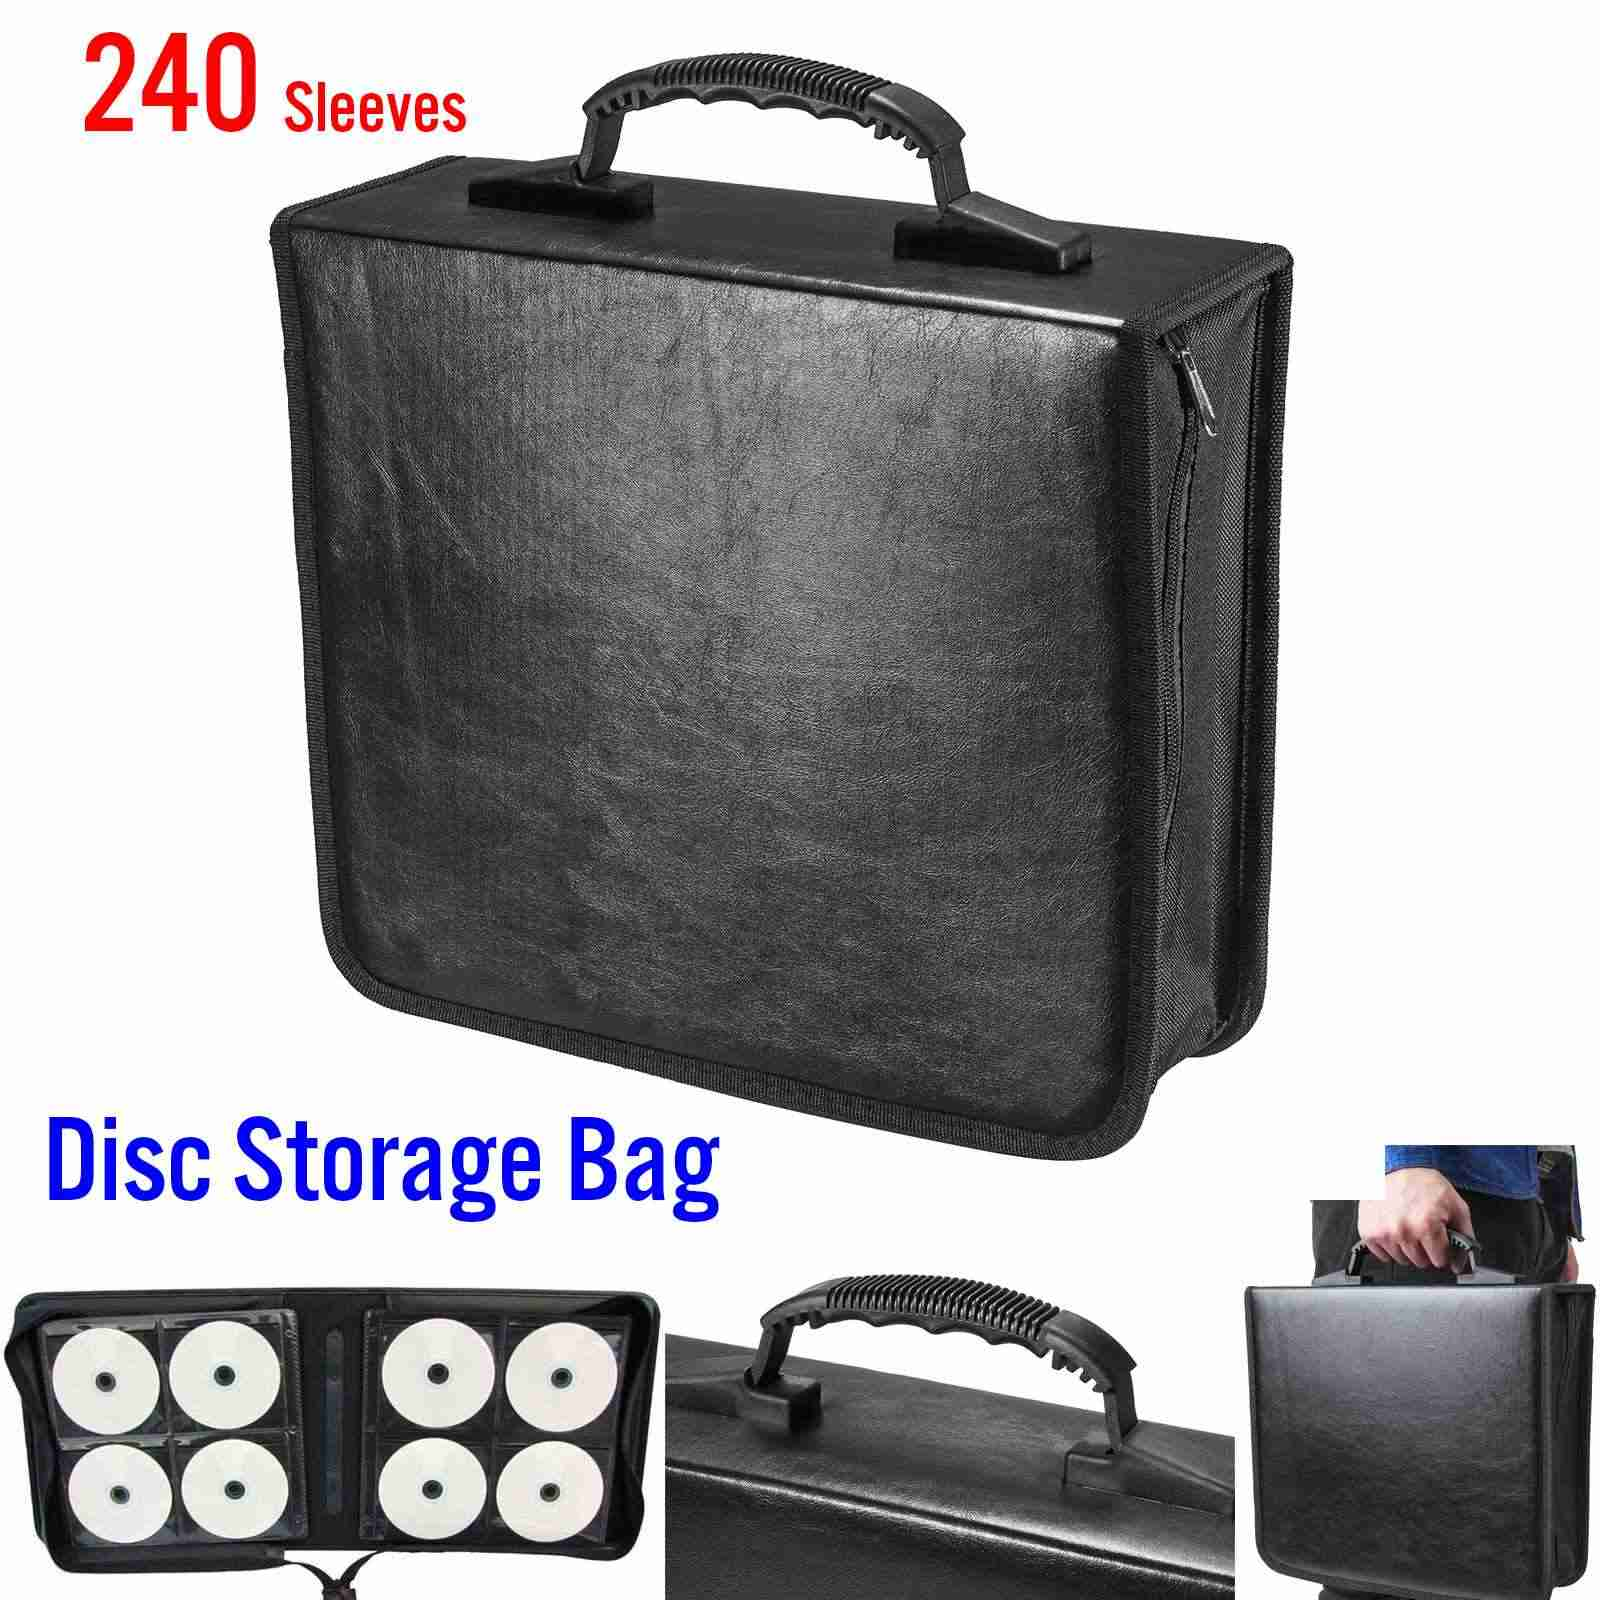 05329d53b752 240 диск CD DVD чехол сумка для хранения альбом коллекция держатель коробка  для переноски Органайзер диск